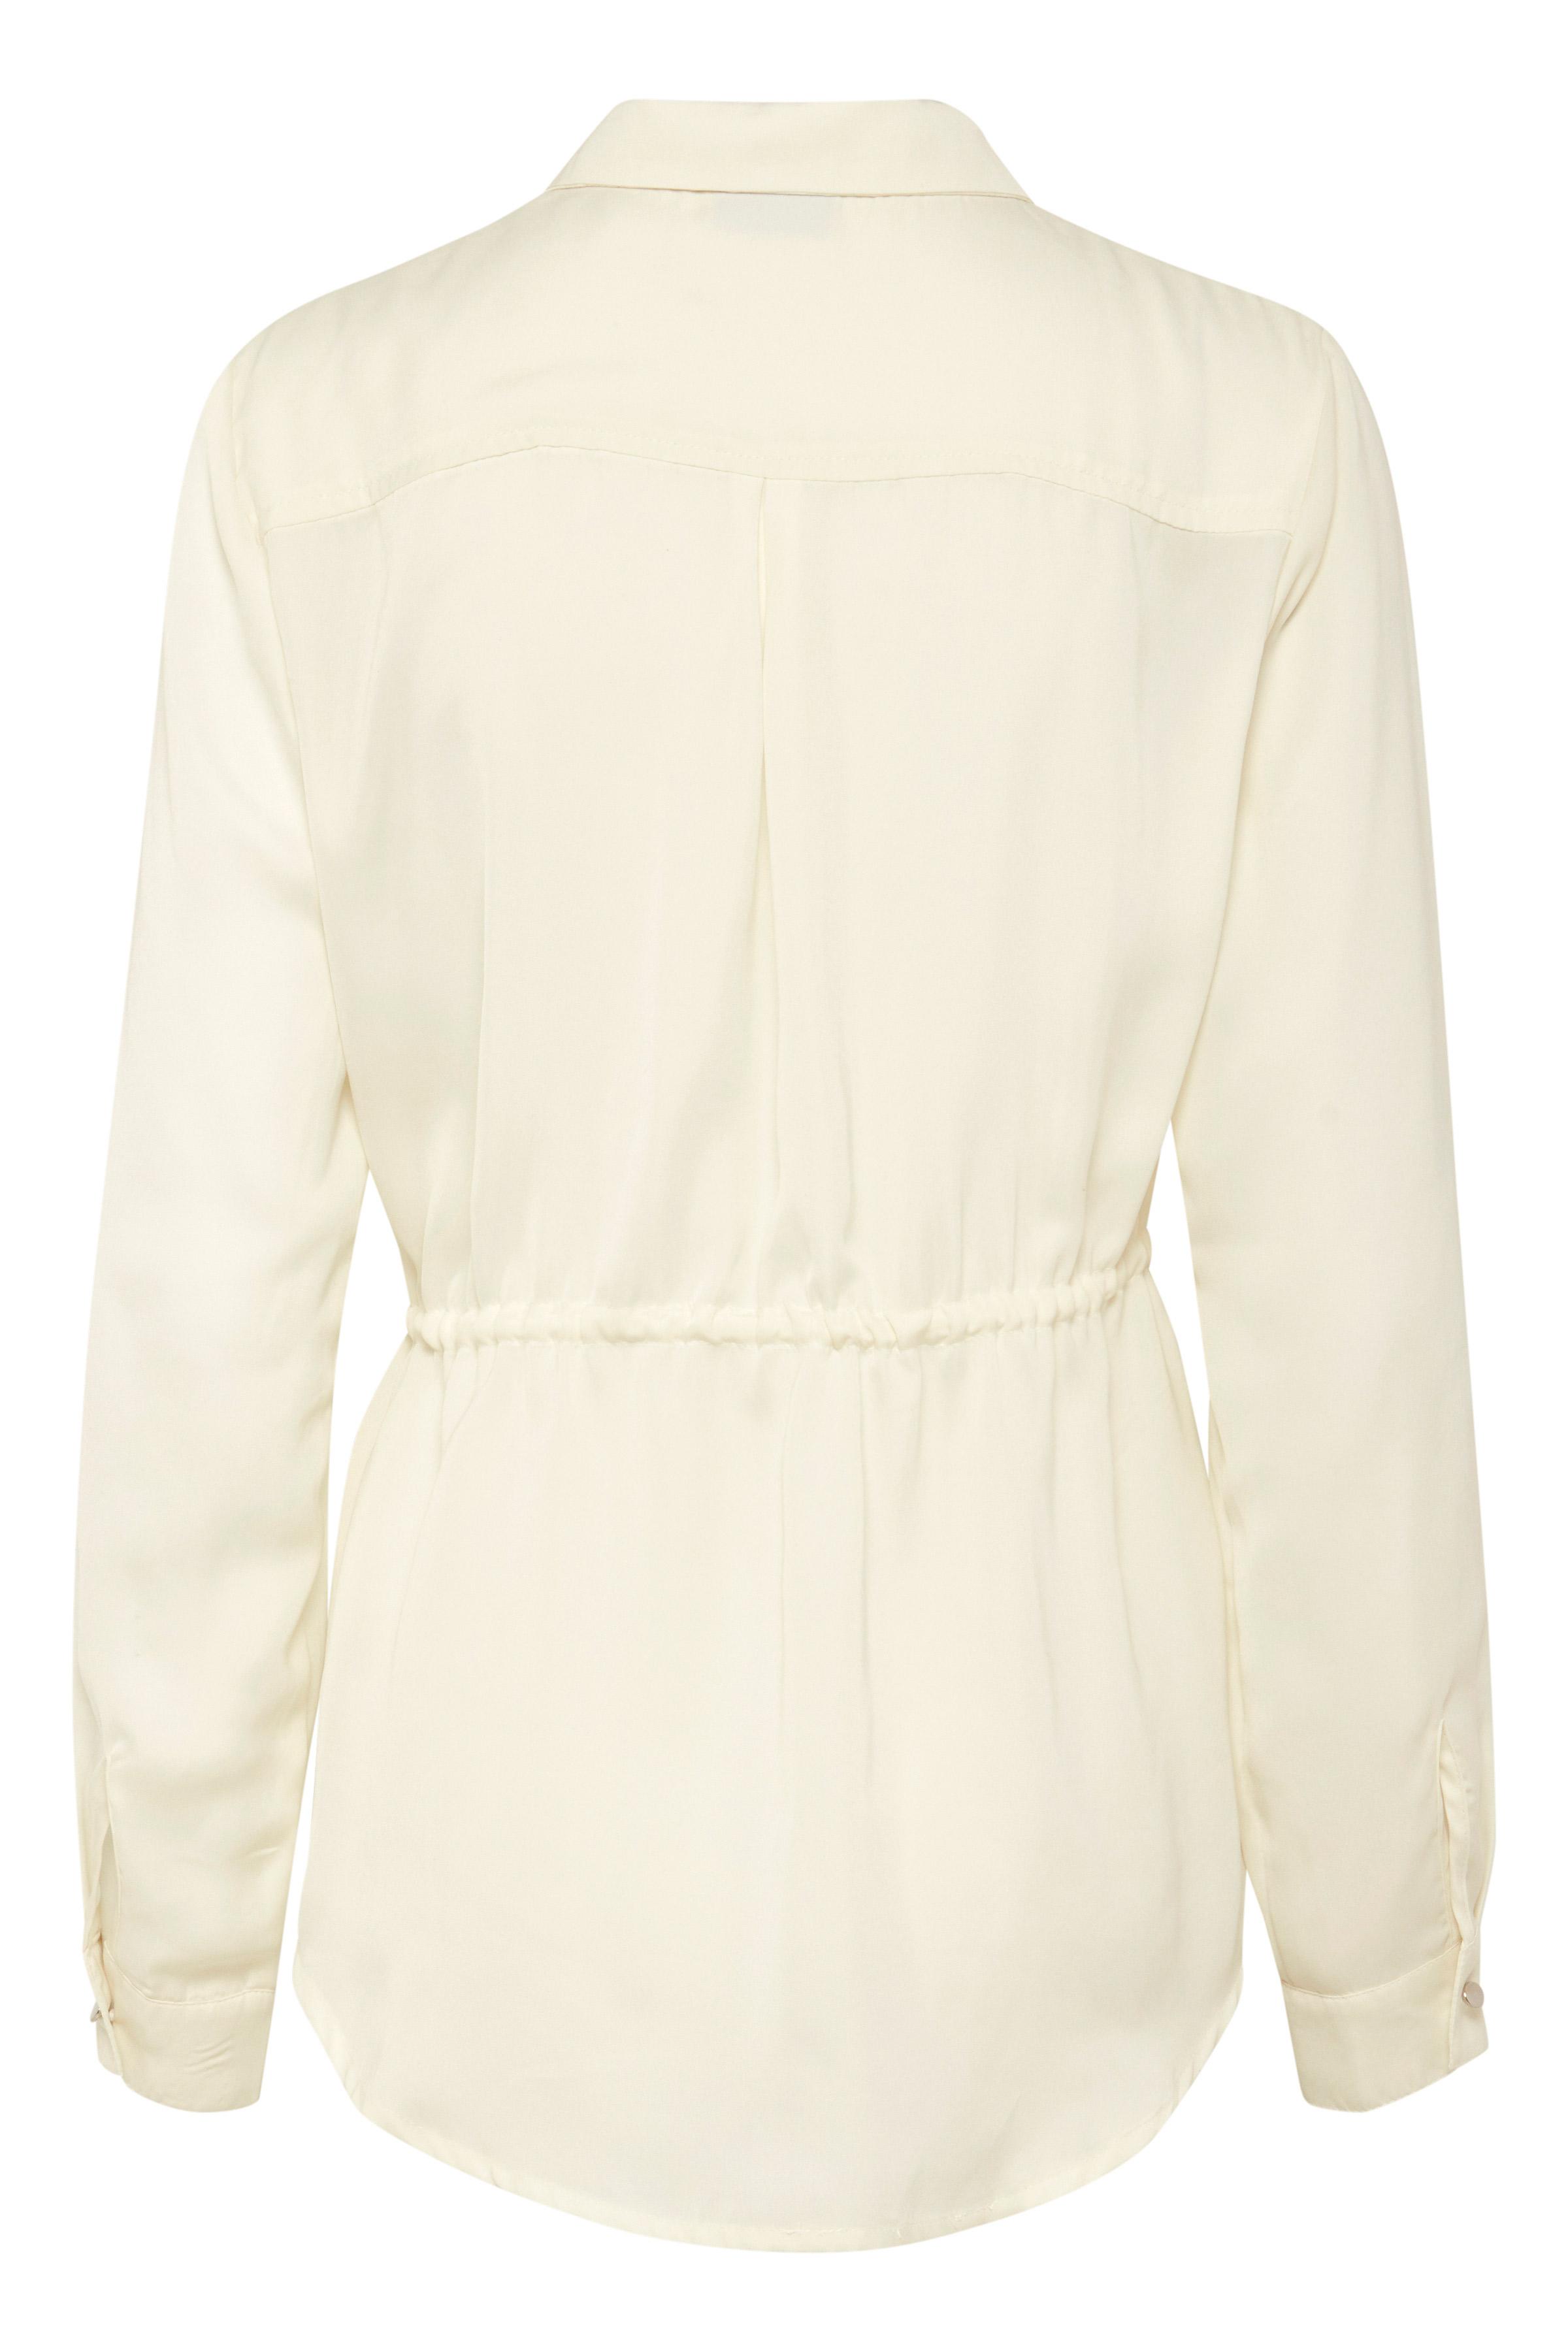 Off White Langarm - Hemd von b.young – Kaufen Sie Off White Langarm - Hemd aus Größe 36-46 hier